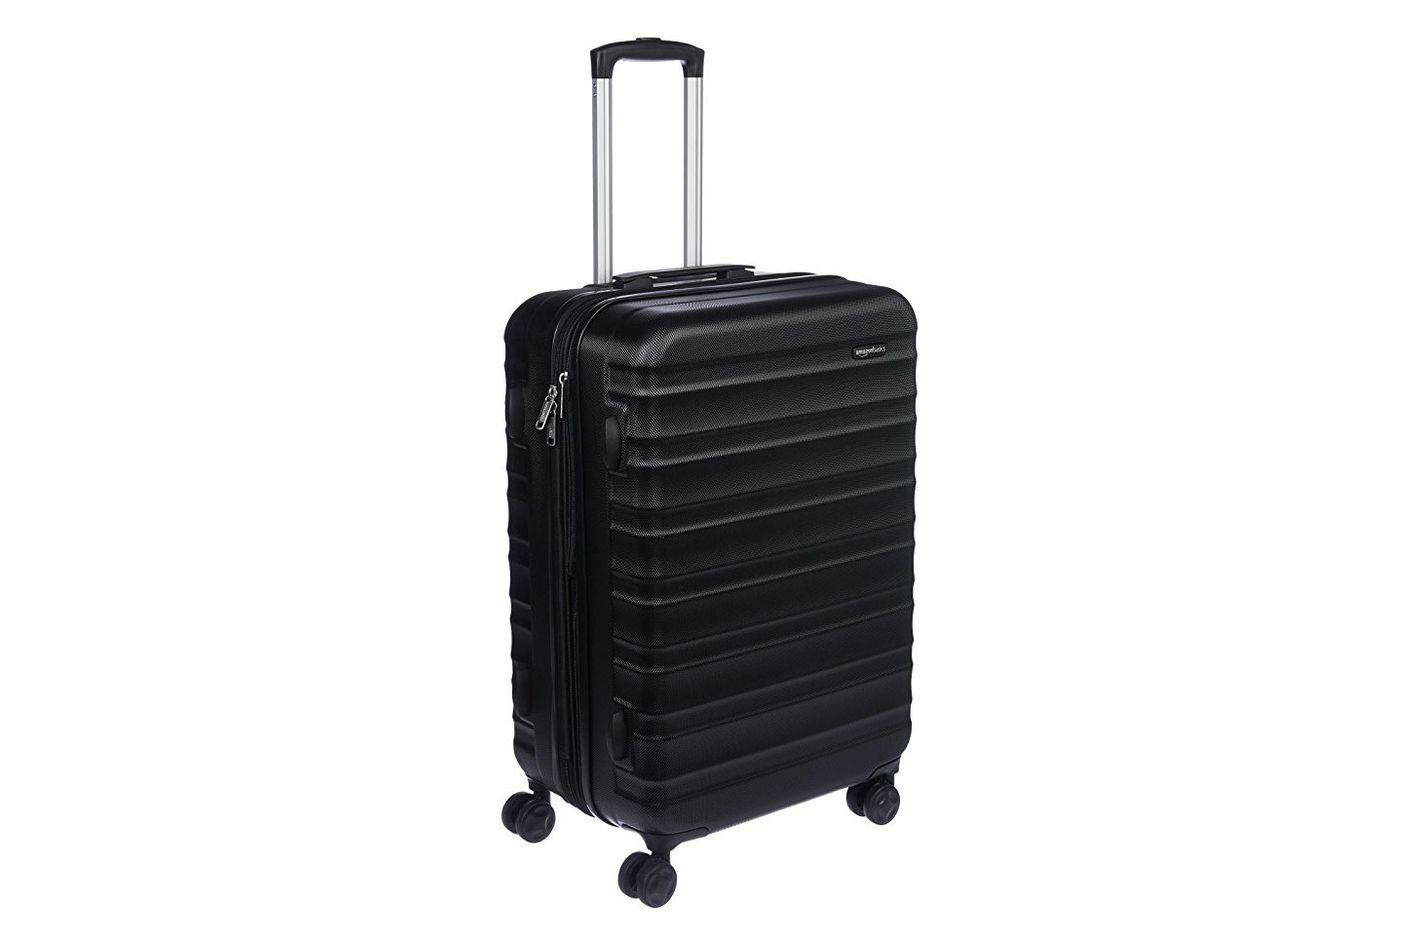 AmazonBasics Hardside Spinner Luggage, Black, 24-inch